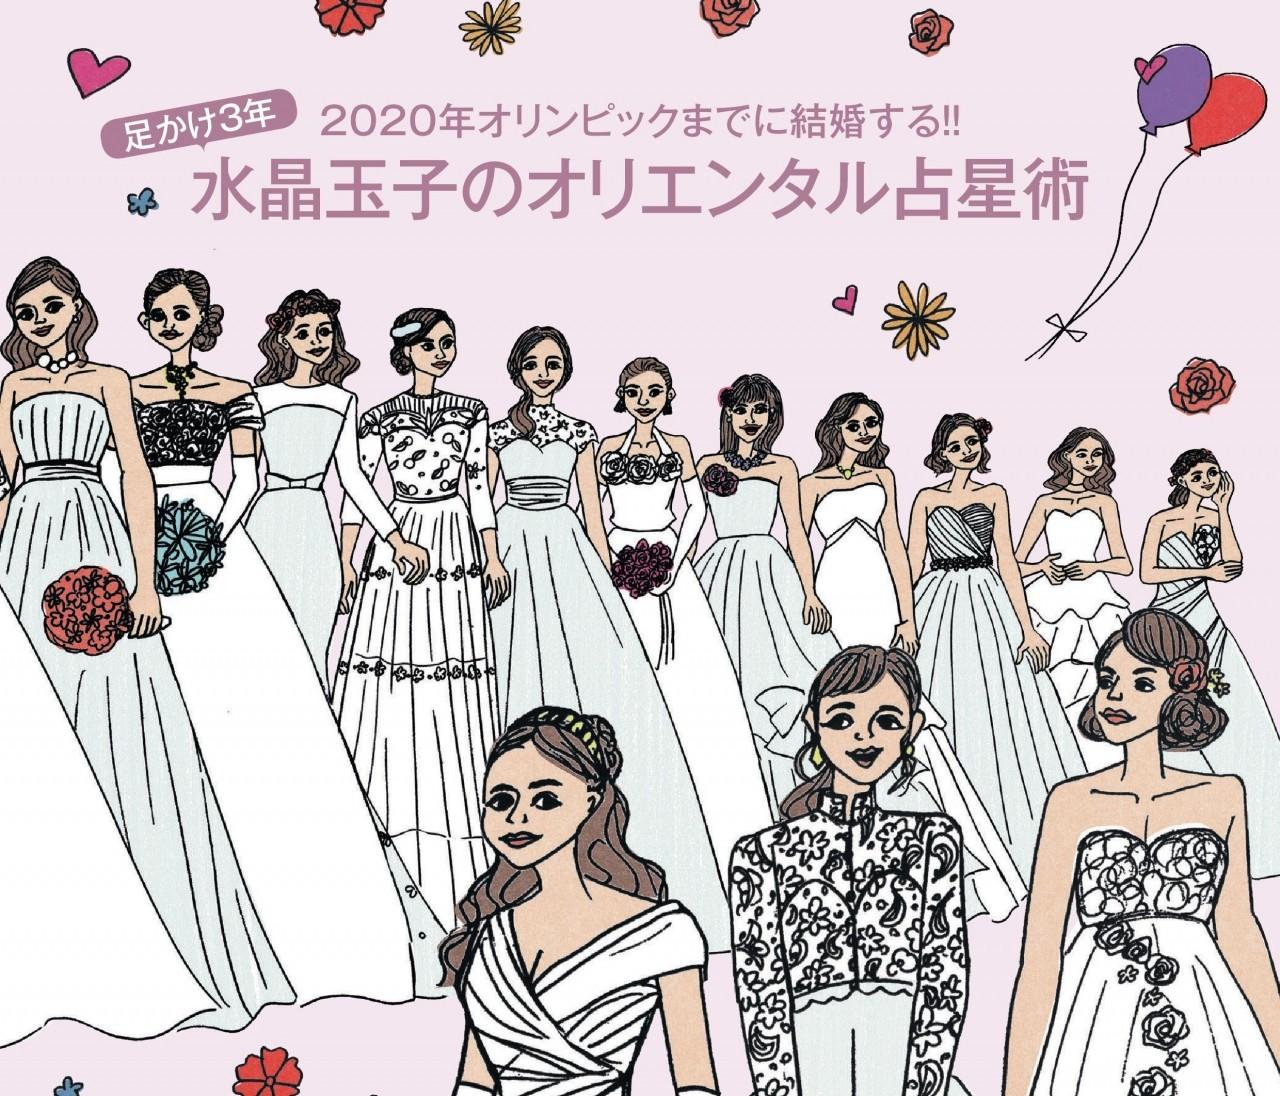 水晶玉子さんが2020年までの結婚運を占います!BAILA7月号別冊付録はなんと足かけ3年分の「水晶玉子のオリエンタル占星術」